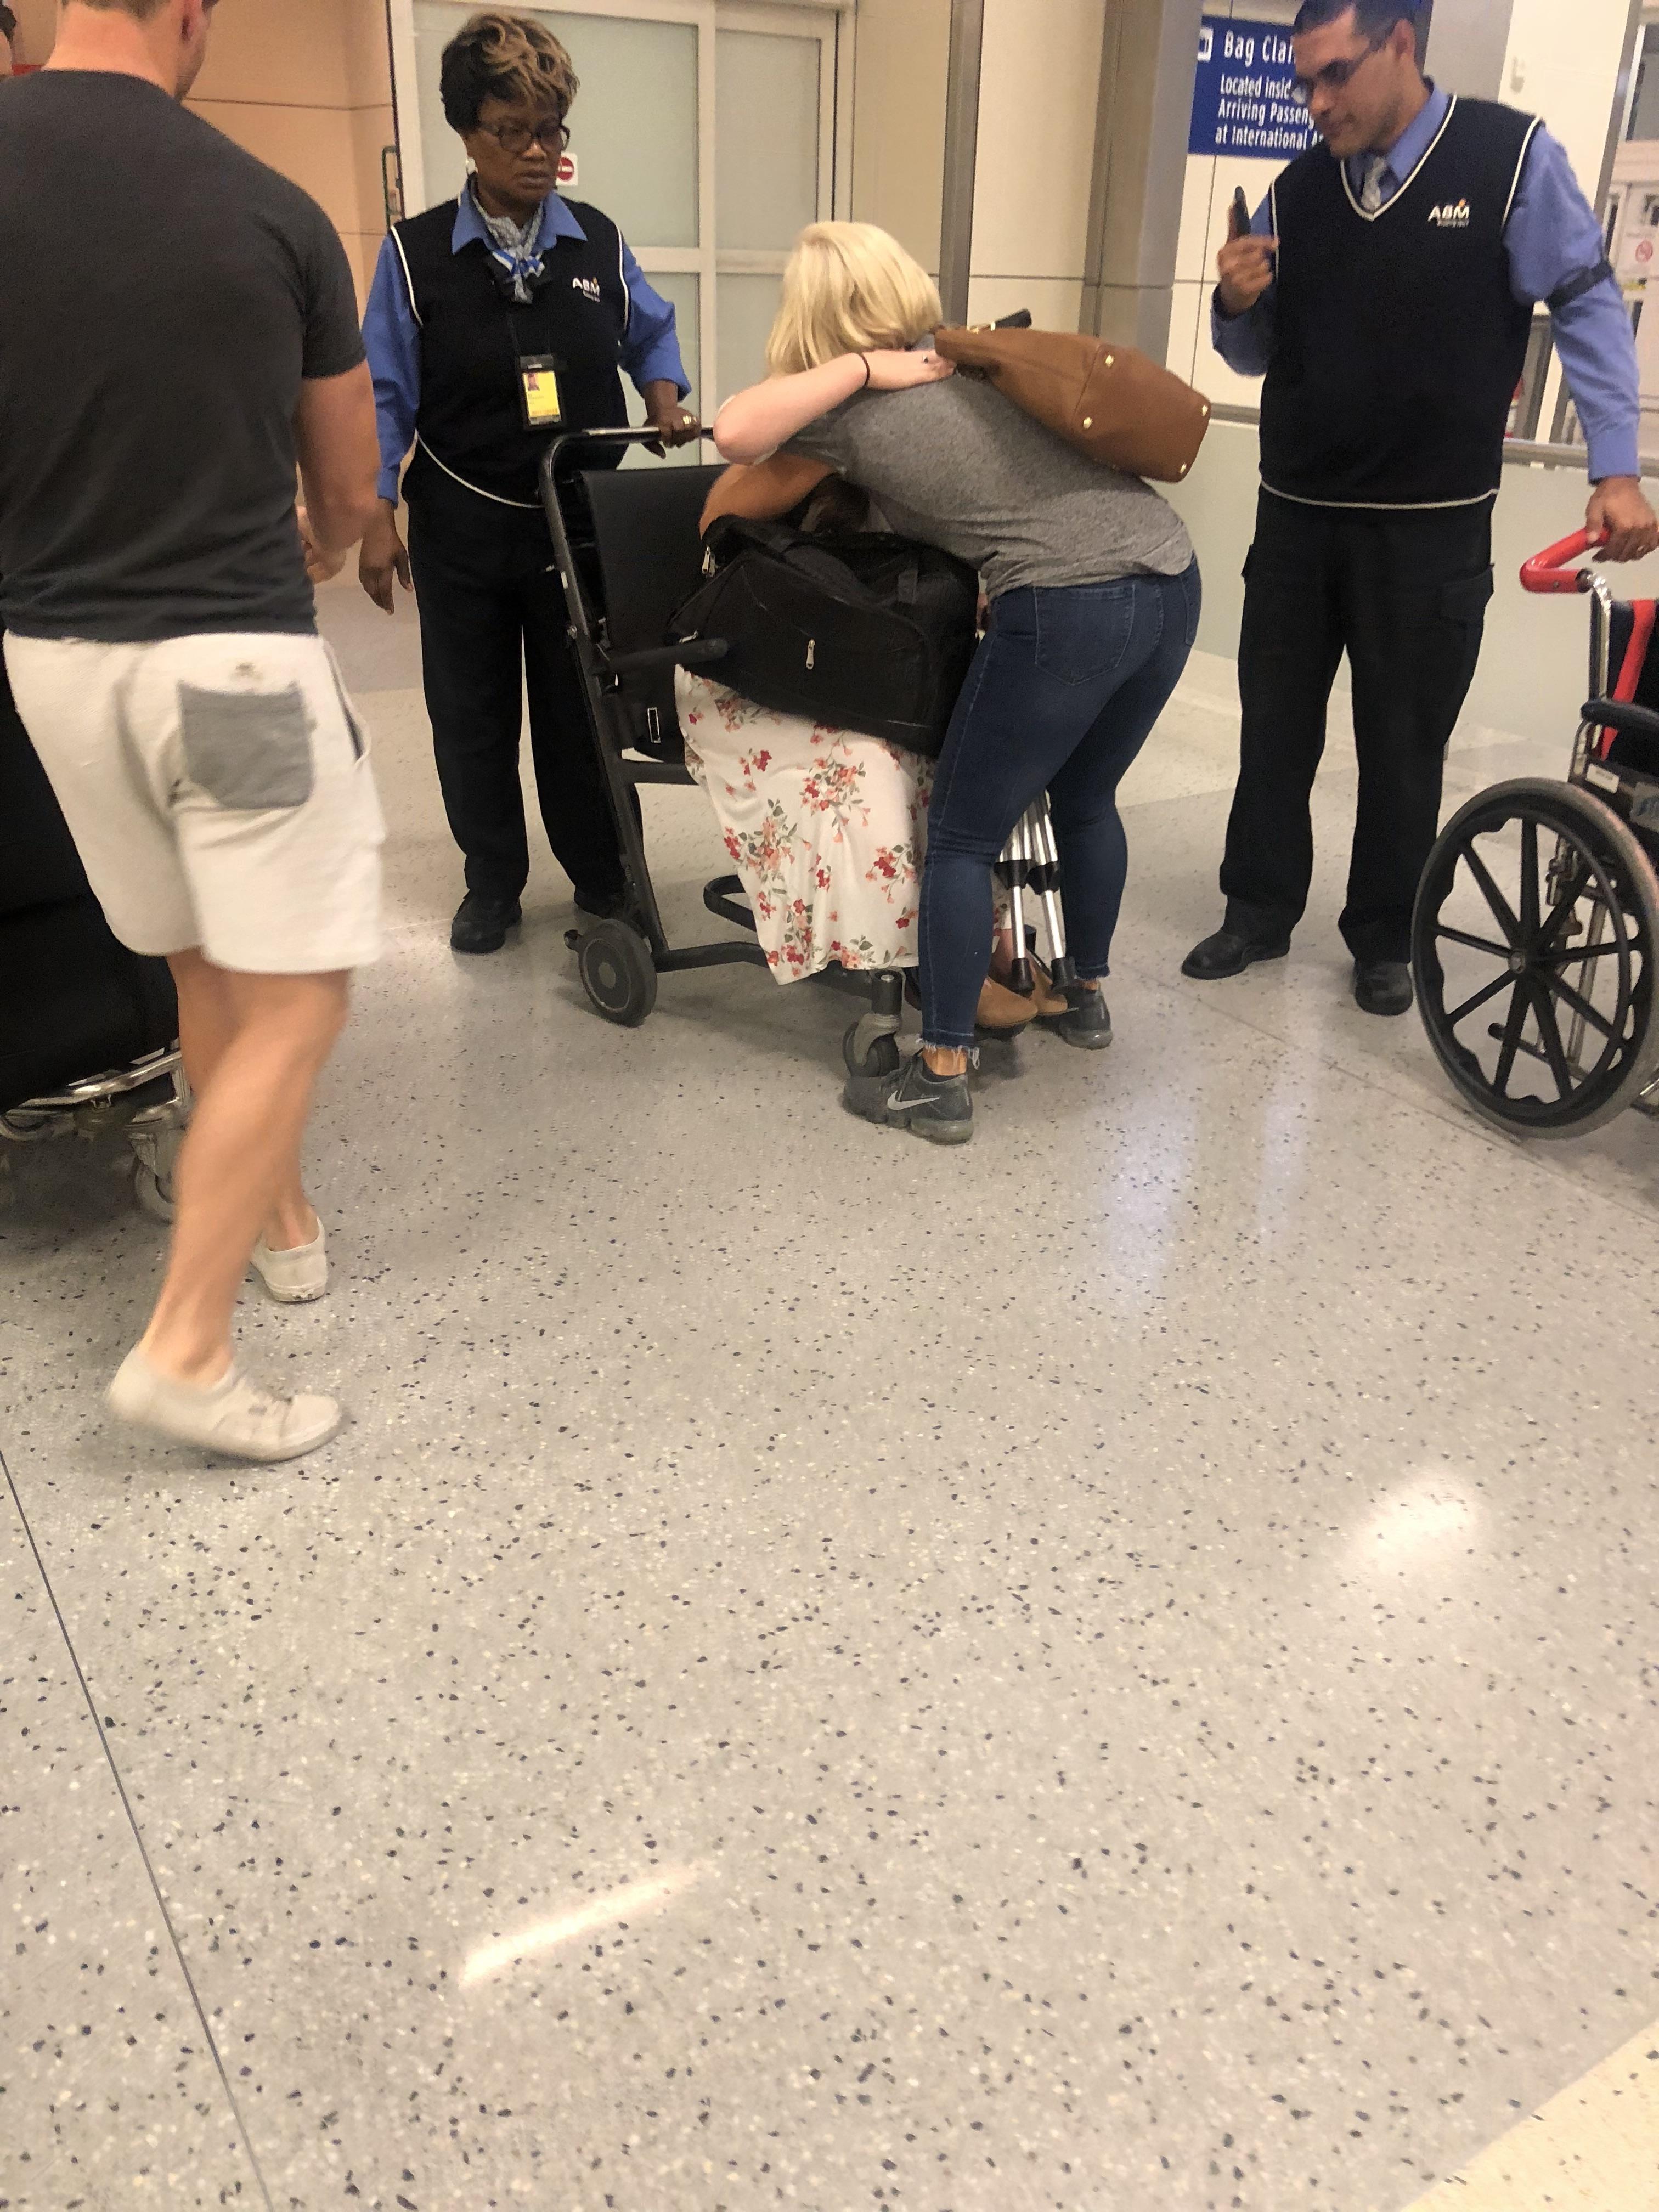 Monique McDown ao chegar no Aeroporto de Dallas, Texas numa cadeira de rodas após o acidente que sofreu na missão em Curitiba, Brasil, e que a deixou paralítica.